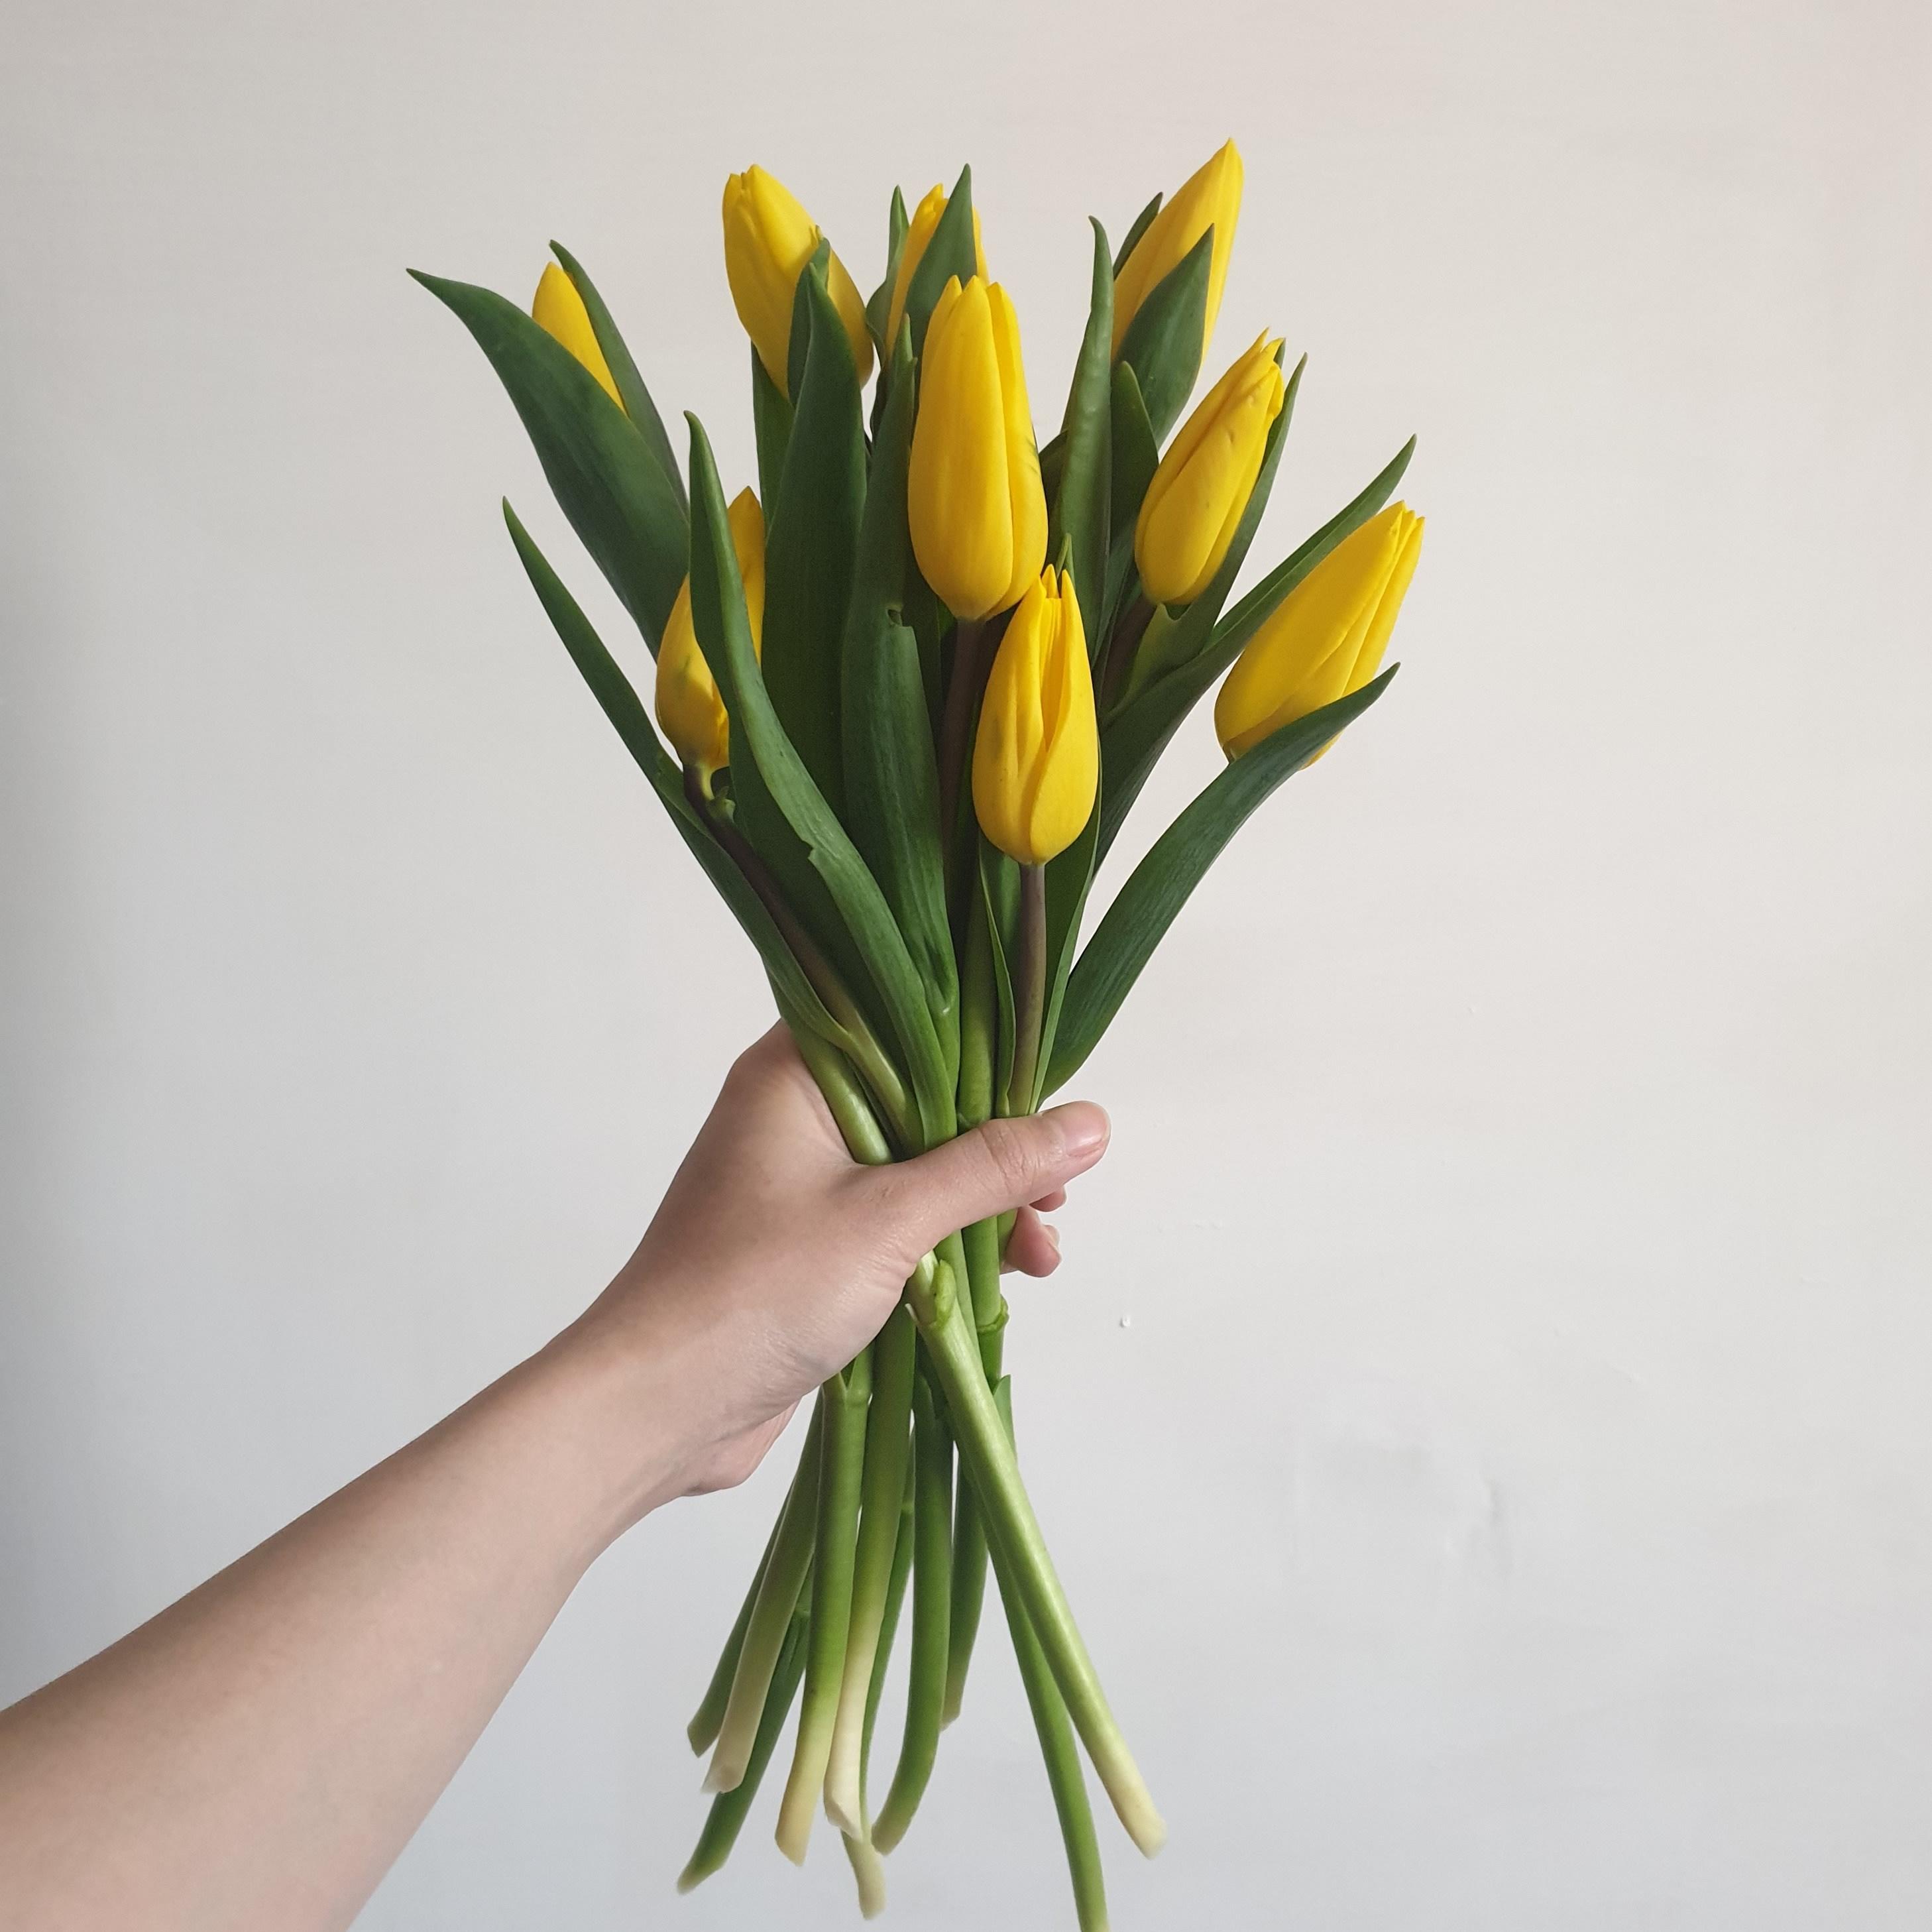 다이아몬드릴리(Diamondlily) 내방에 튤립 한단 노랑 옐로우 생화 꽃다발, 생화만구매